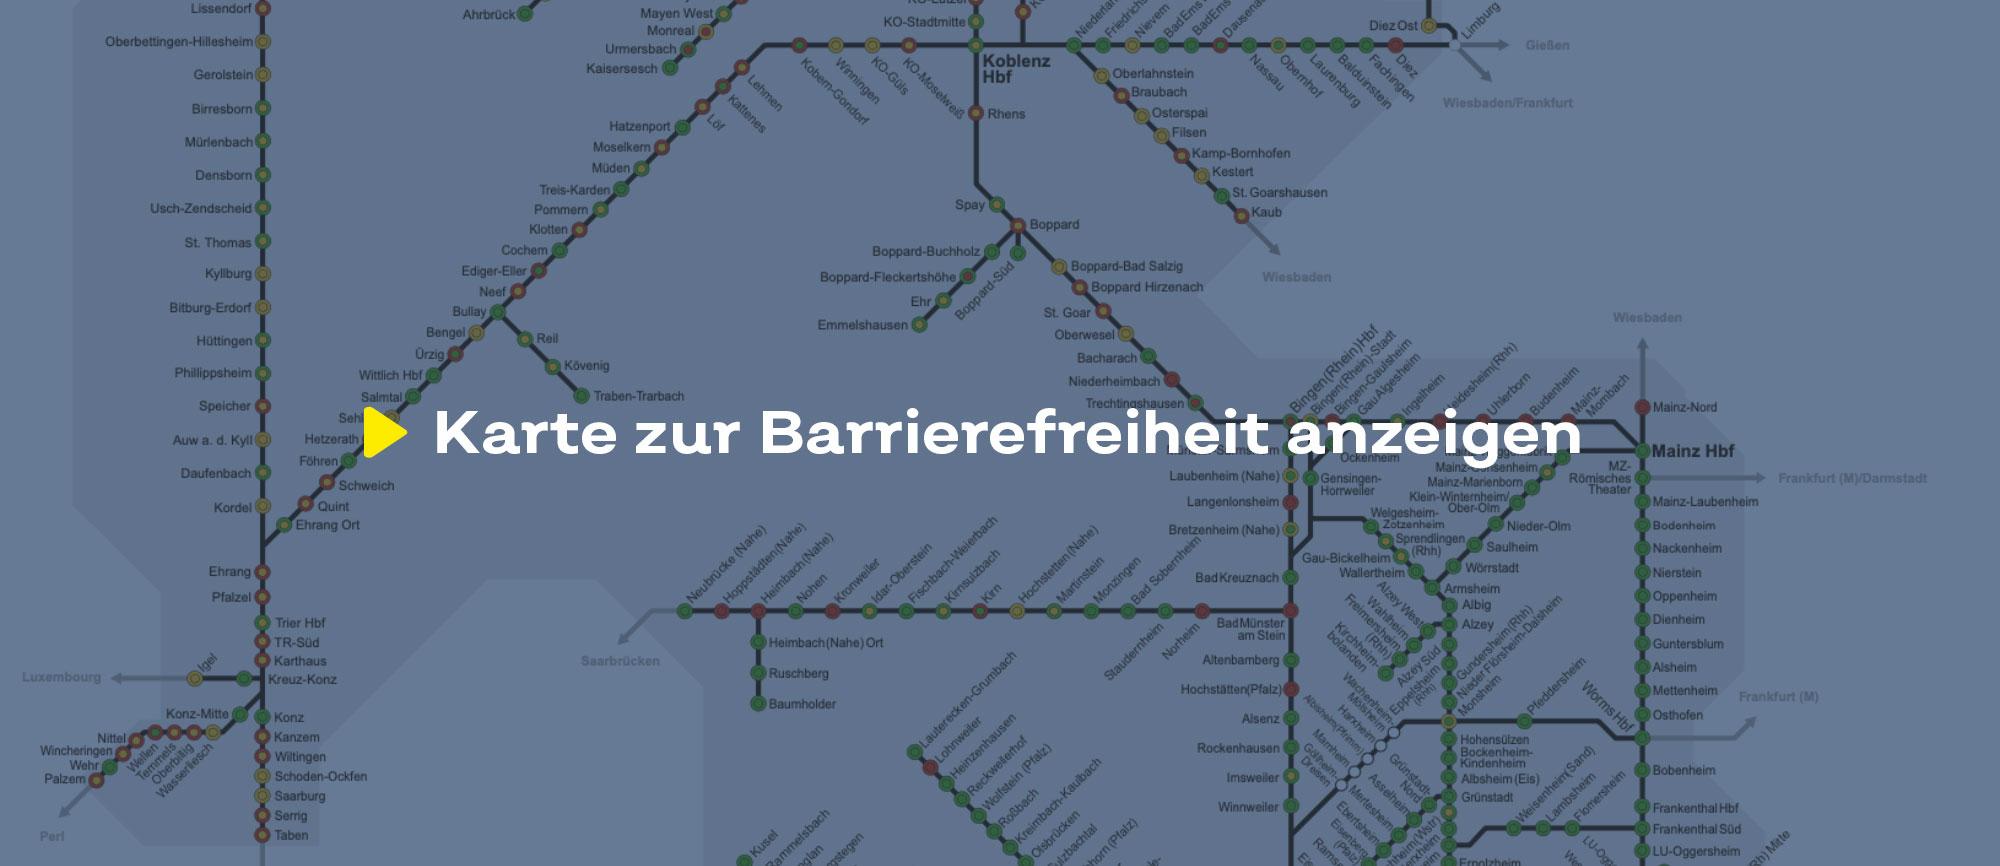 Text 'Karte zur Barrierefreiheit' auf einem bläulich eingefärbten Hintergrund, der einen Ausschnitt des Liniennetzes zeigt